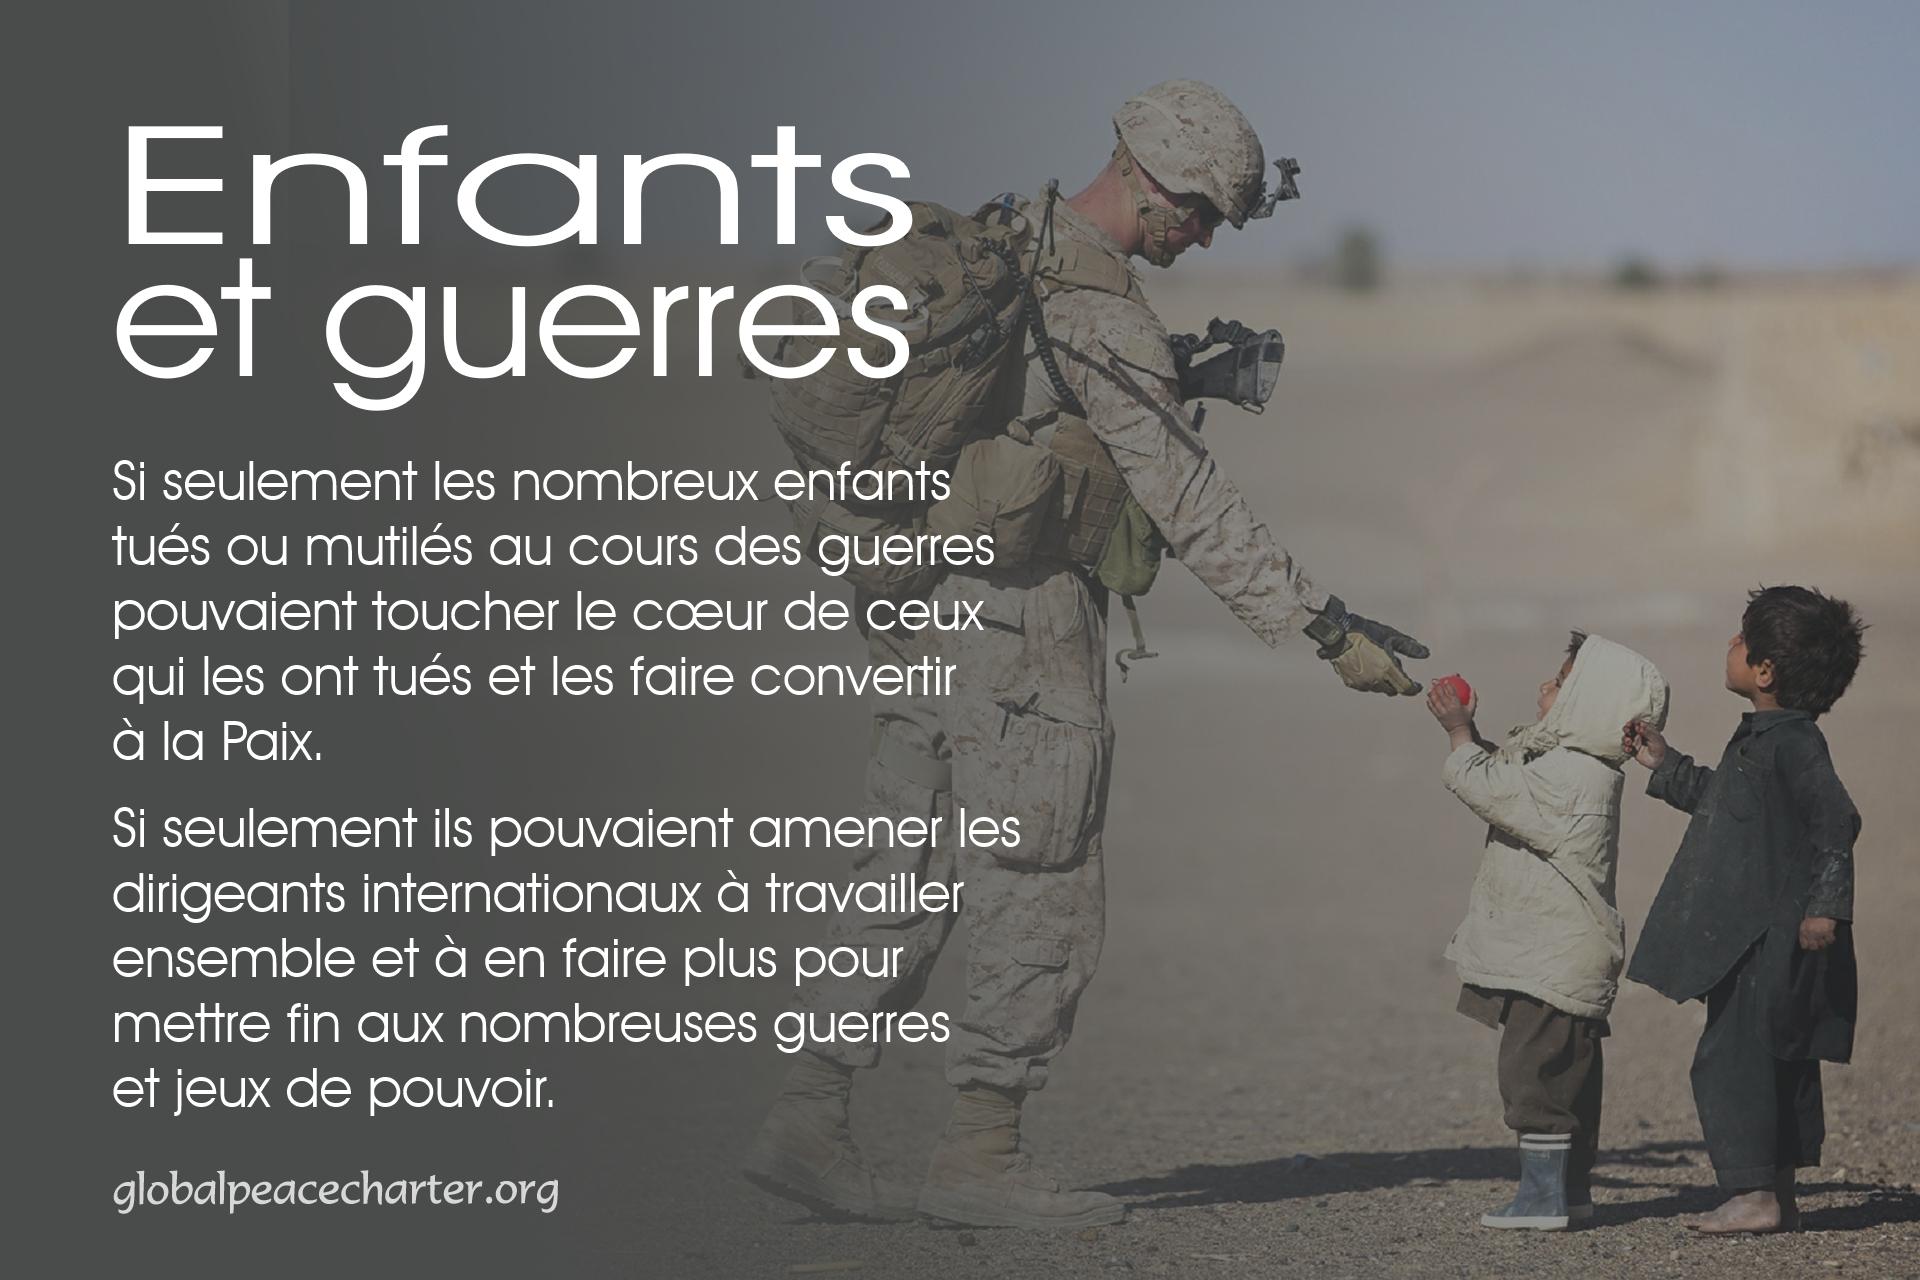 Enfants et guerres